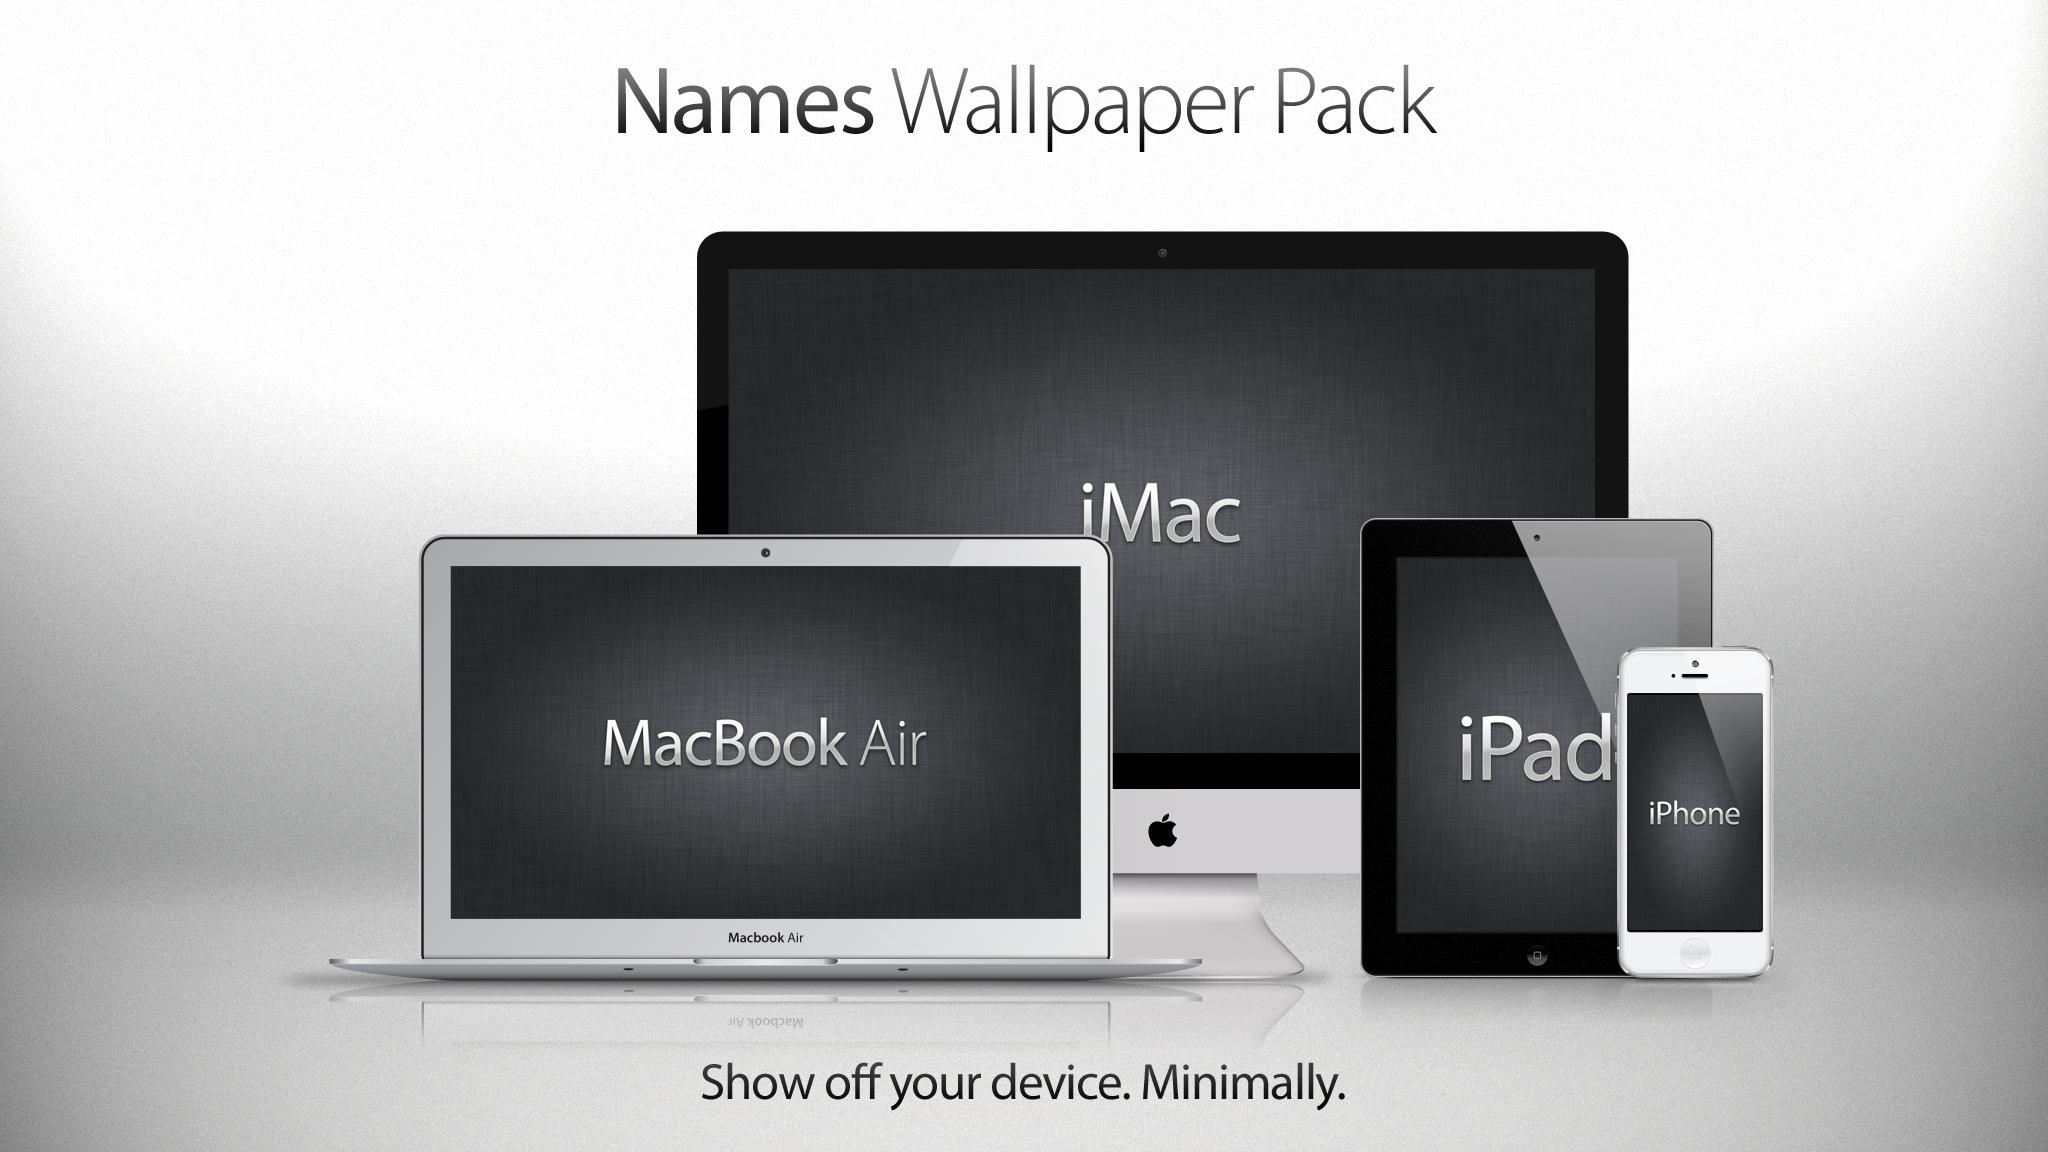 Names Wallpaper Pack